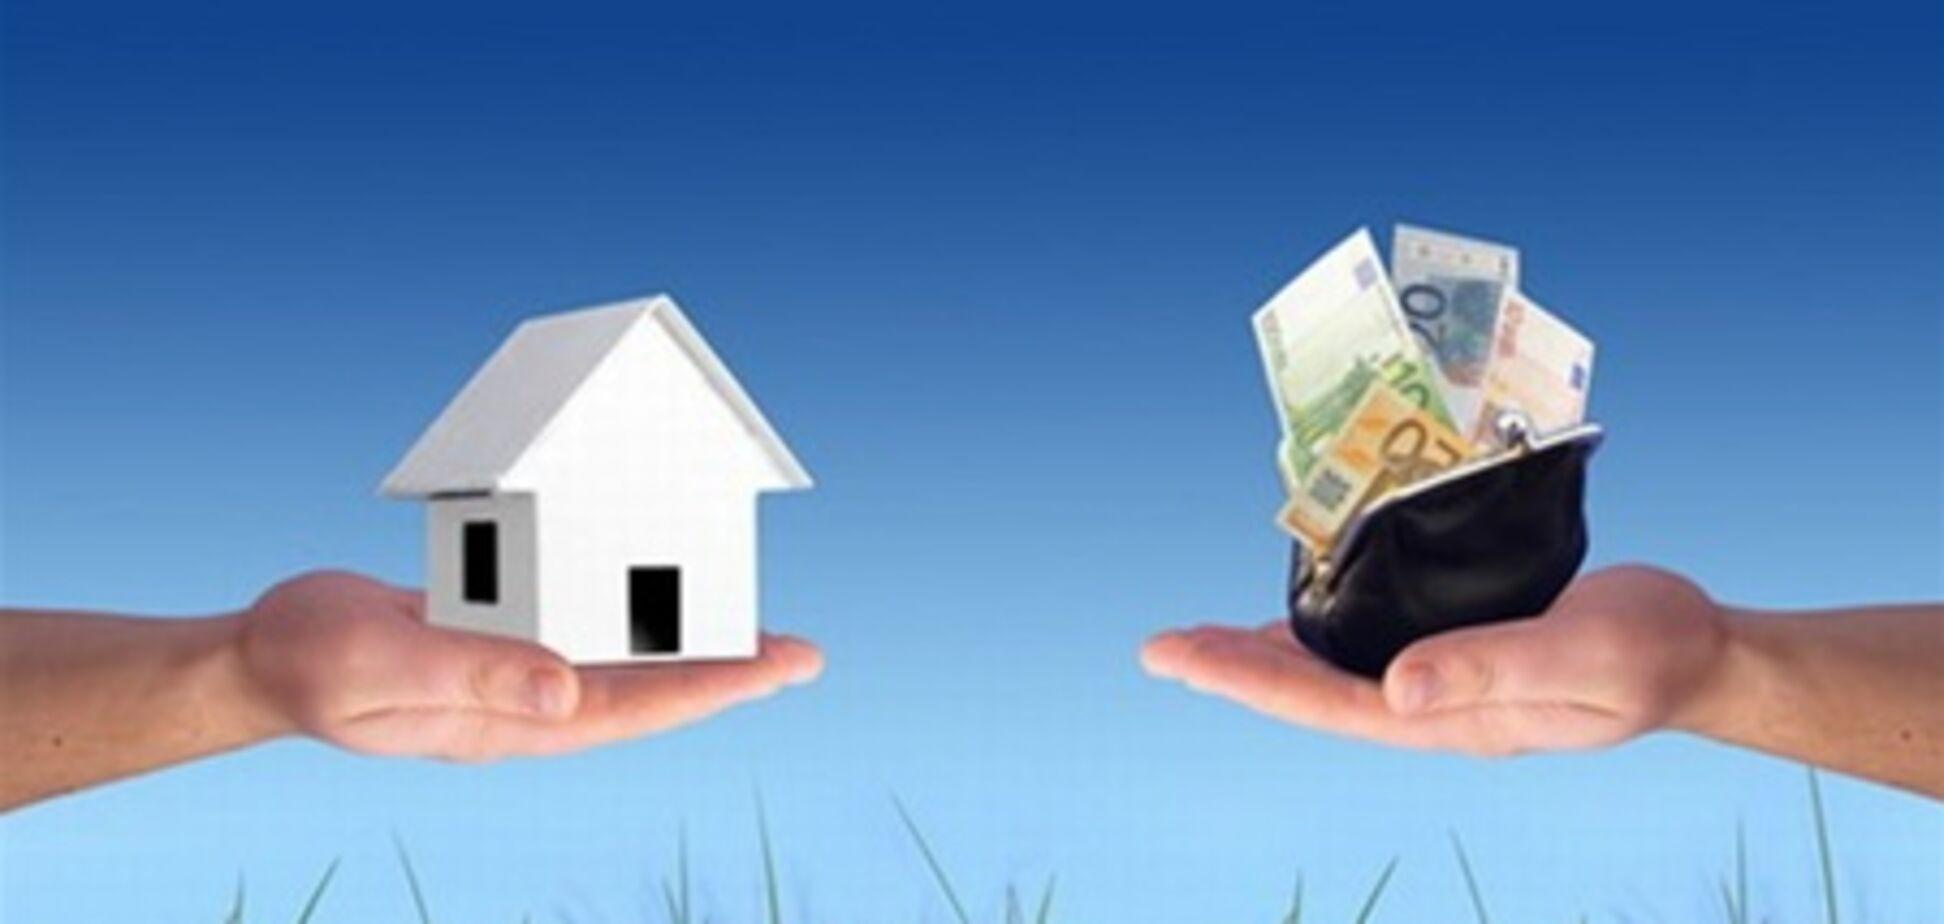 На рынке недвижимости резких изменений не будет - аналитики